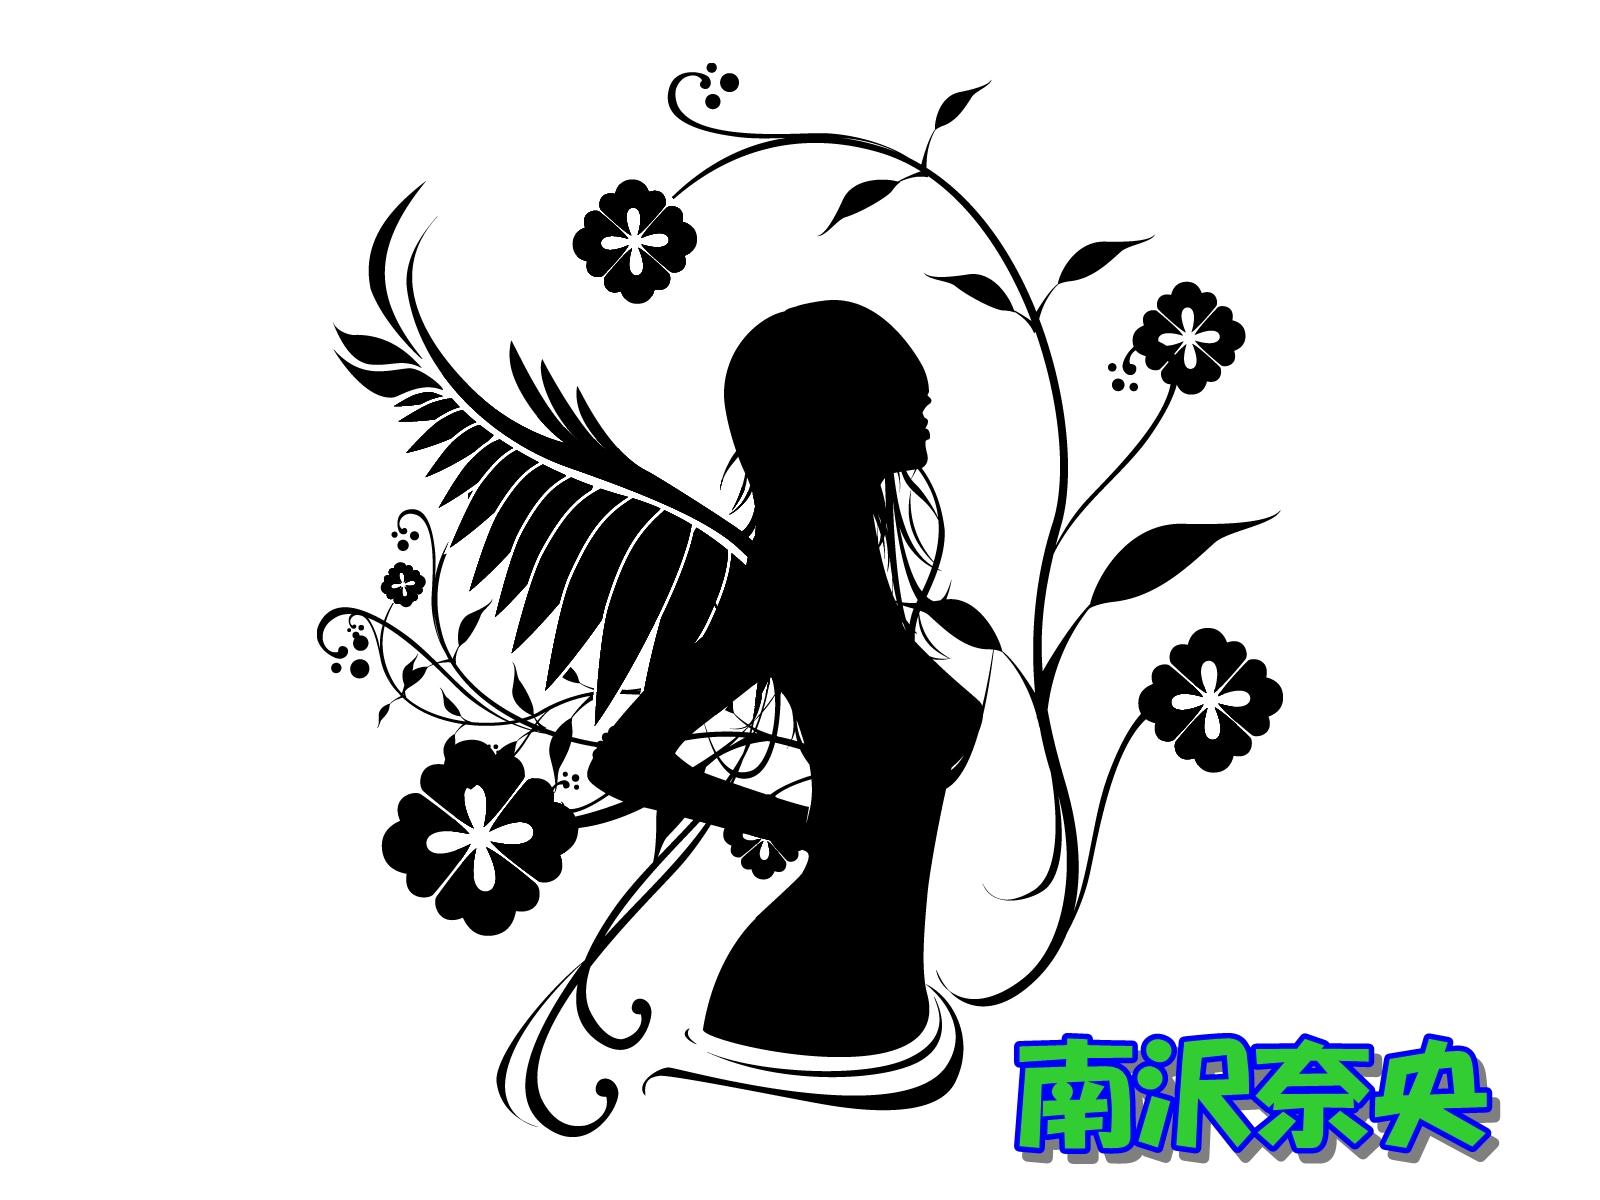 南沢奈央が「なるようになるさ」出演!プロフィールや演技の評価は?